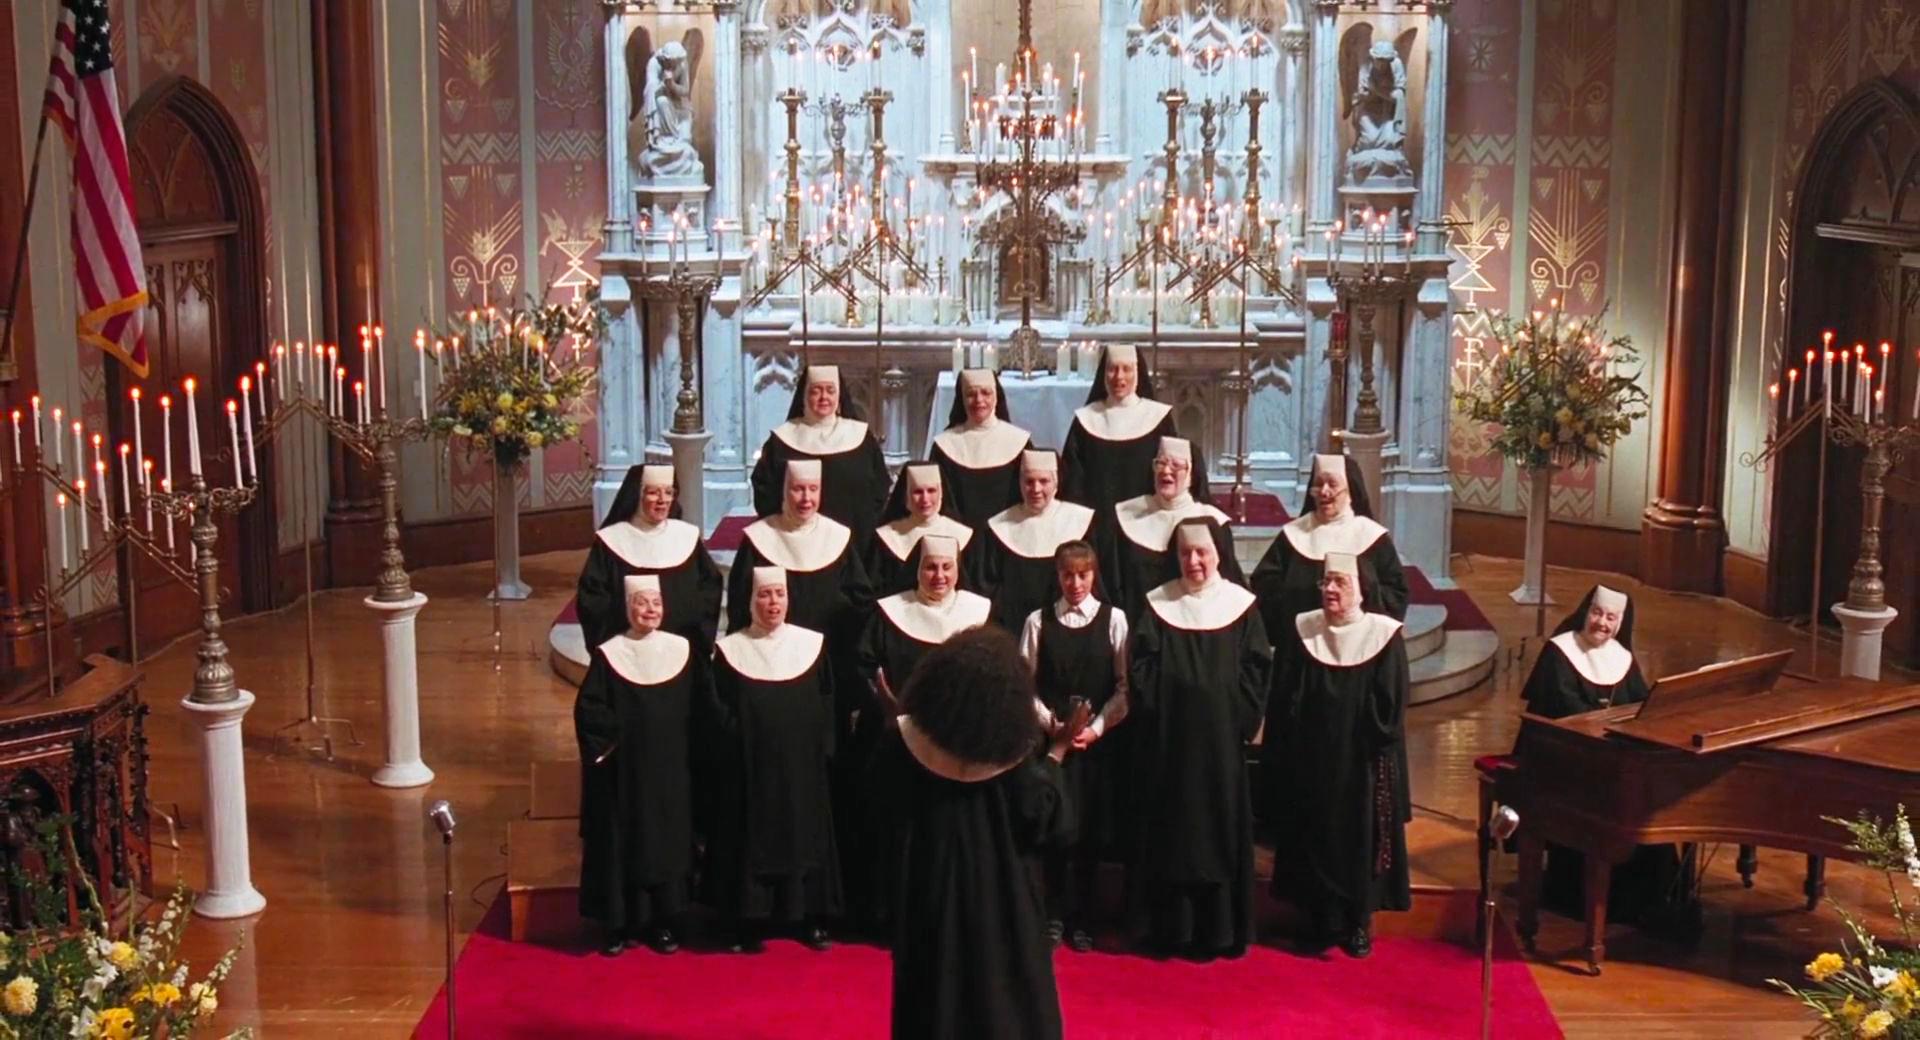 Curiosità sul film Sister Act - coro